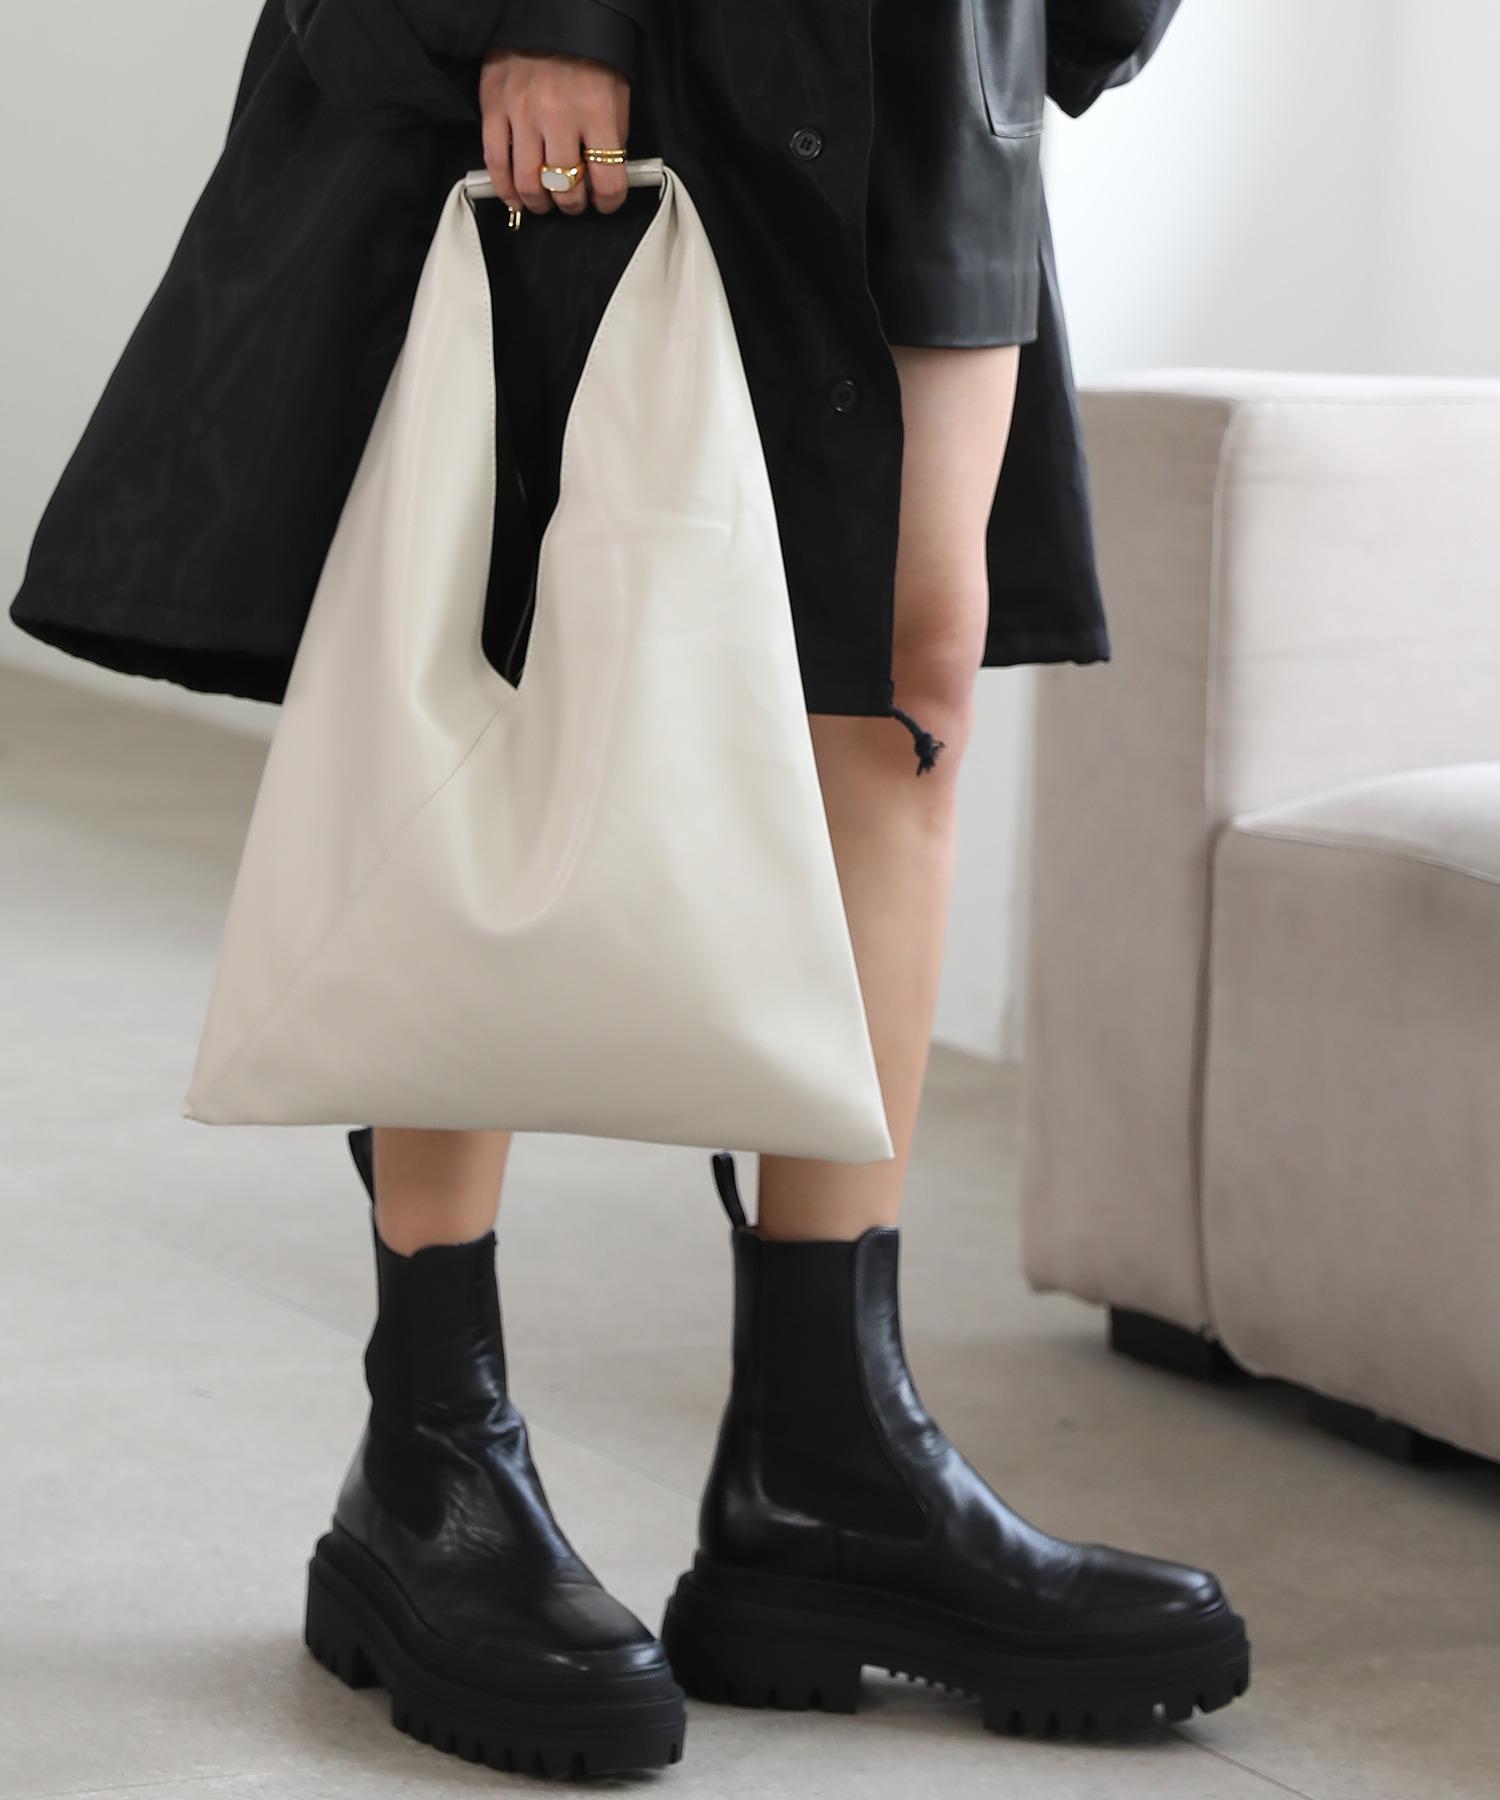 【chuclla】Triangle  soft leather bag  cha166